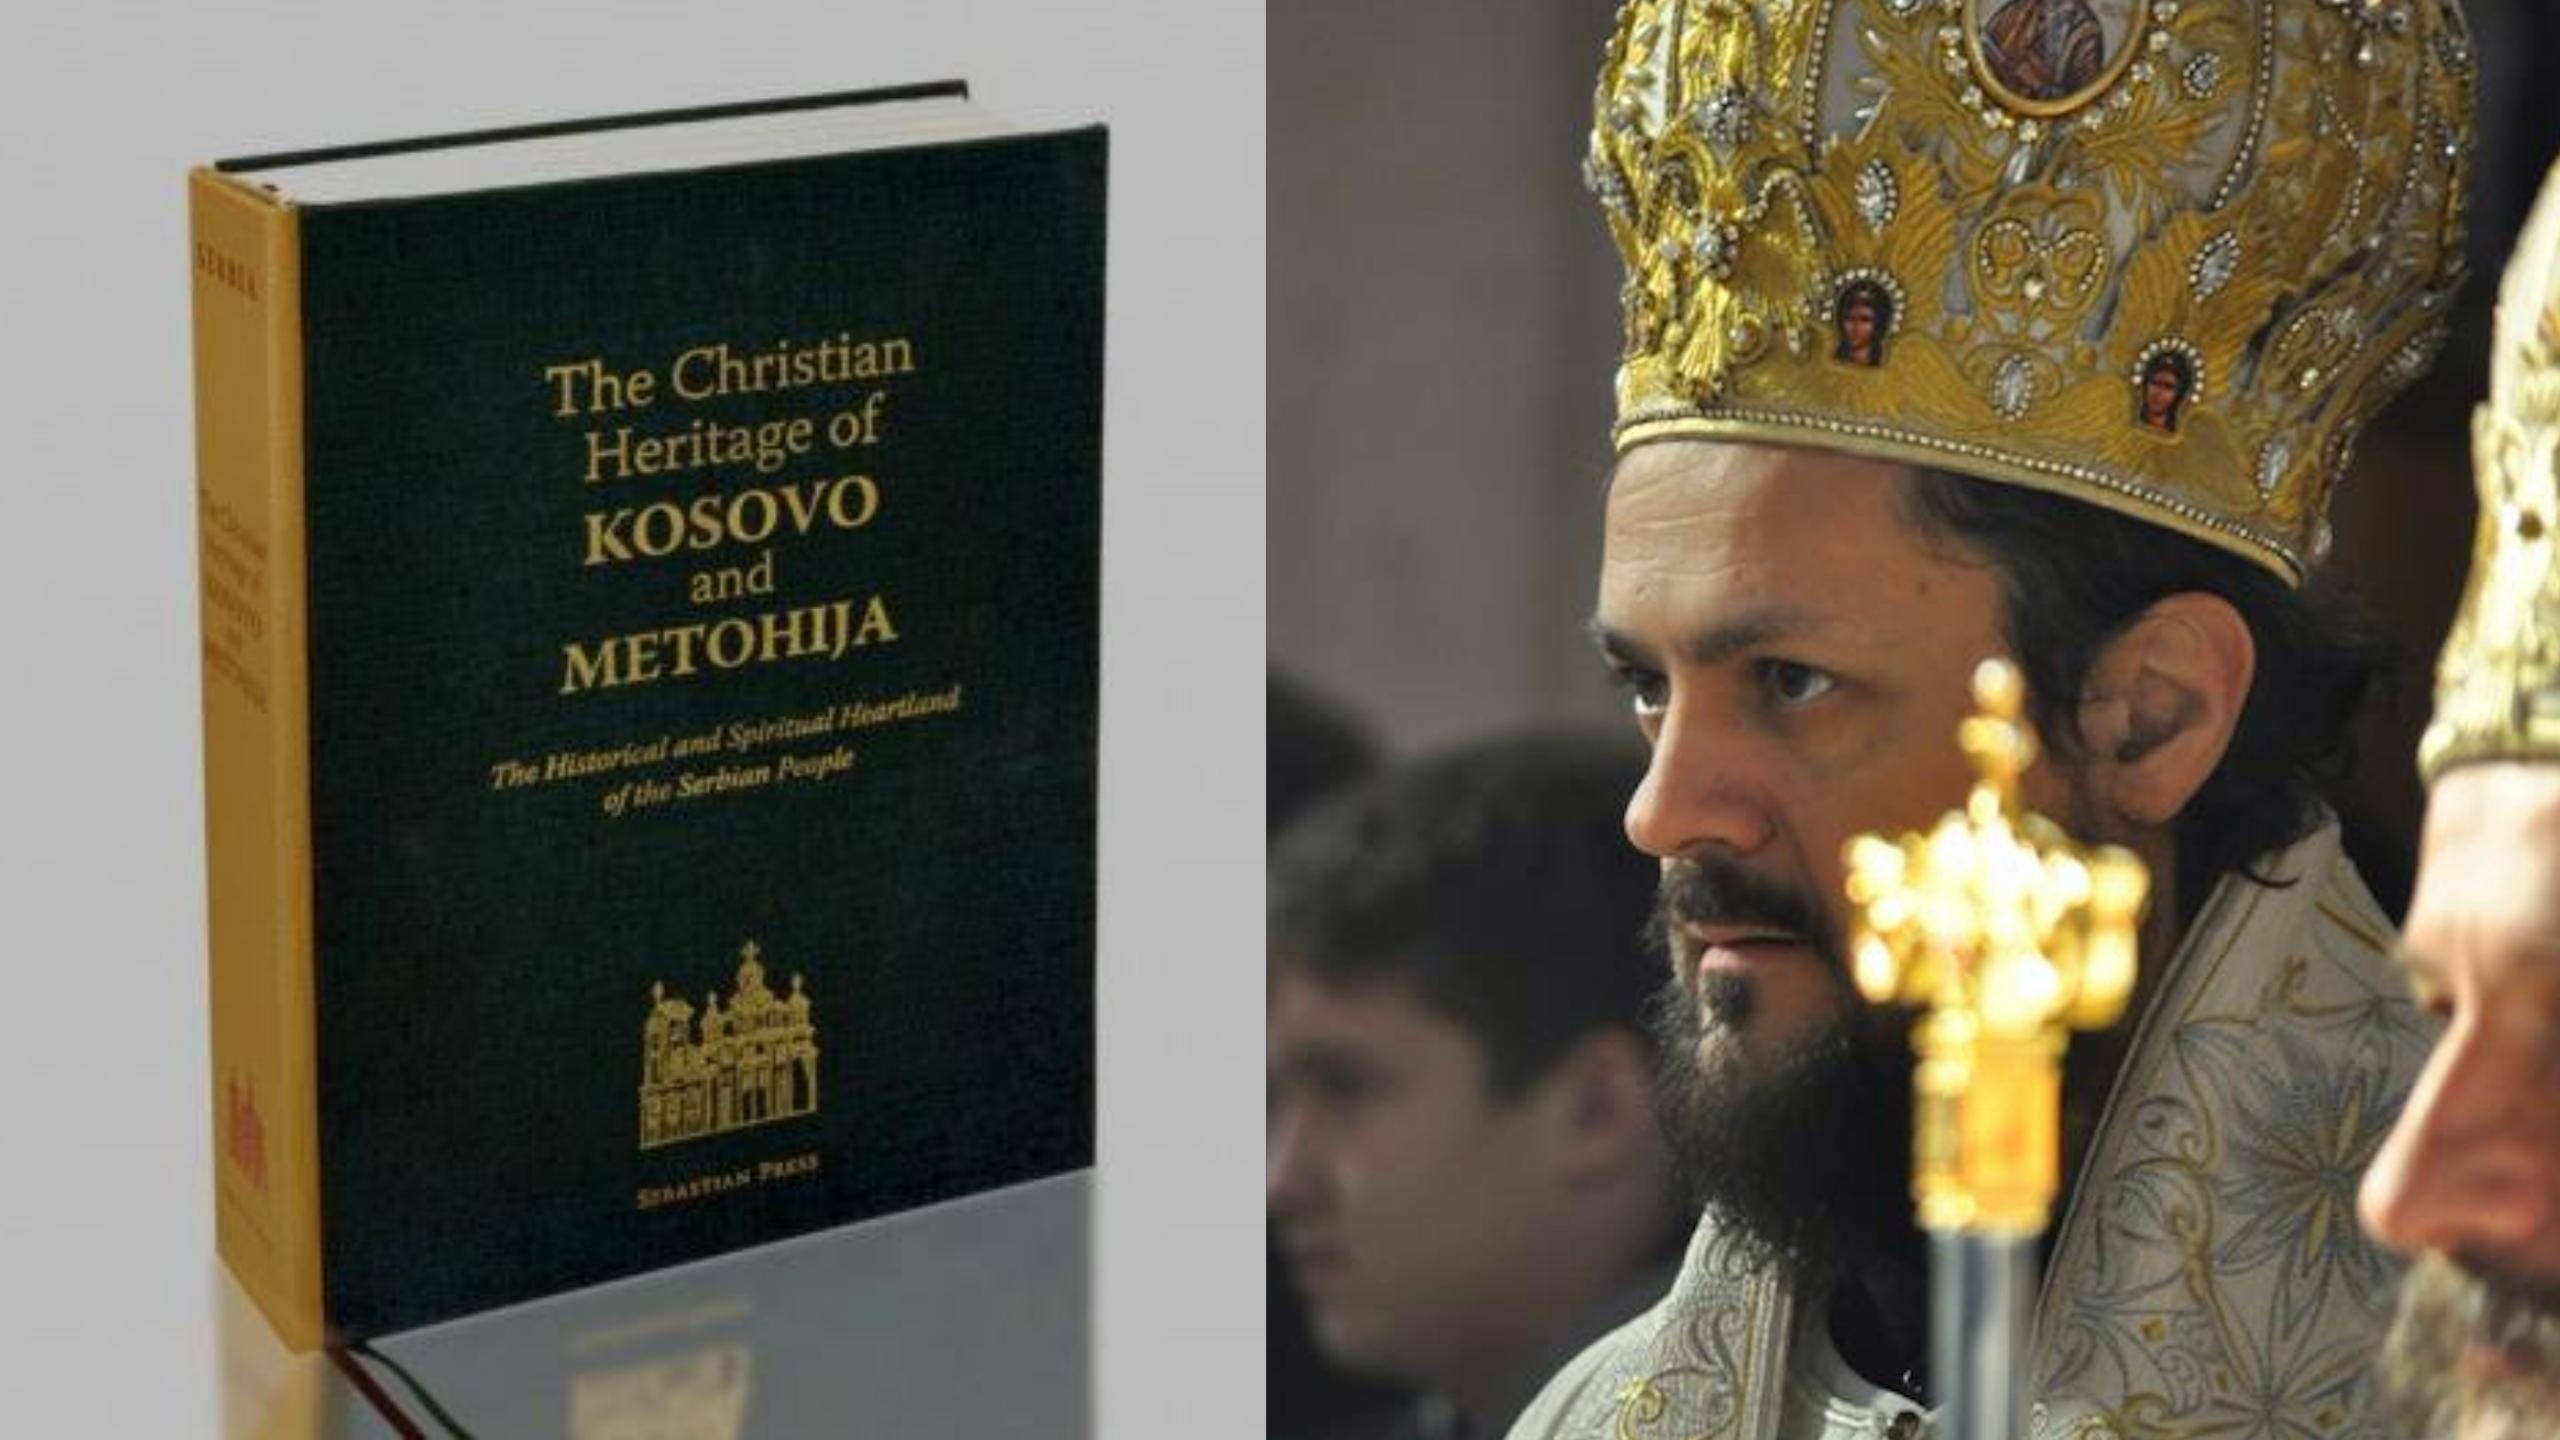 Le livre « Christian Heritage of Kosovo and Metohija » désormais disponible en format numérique